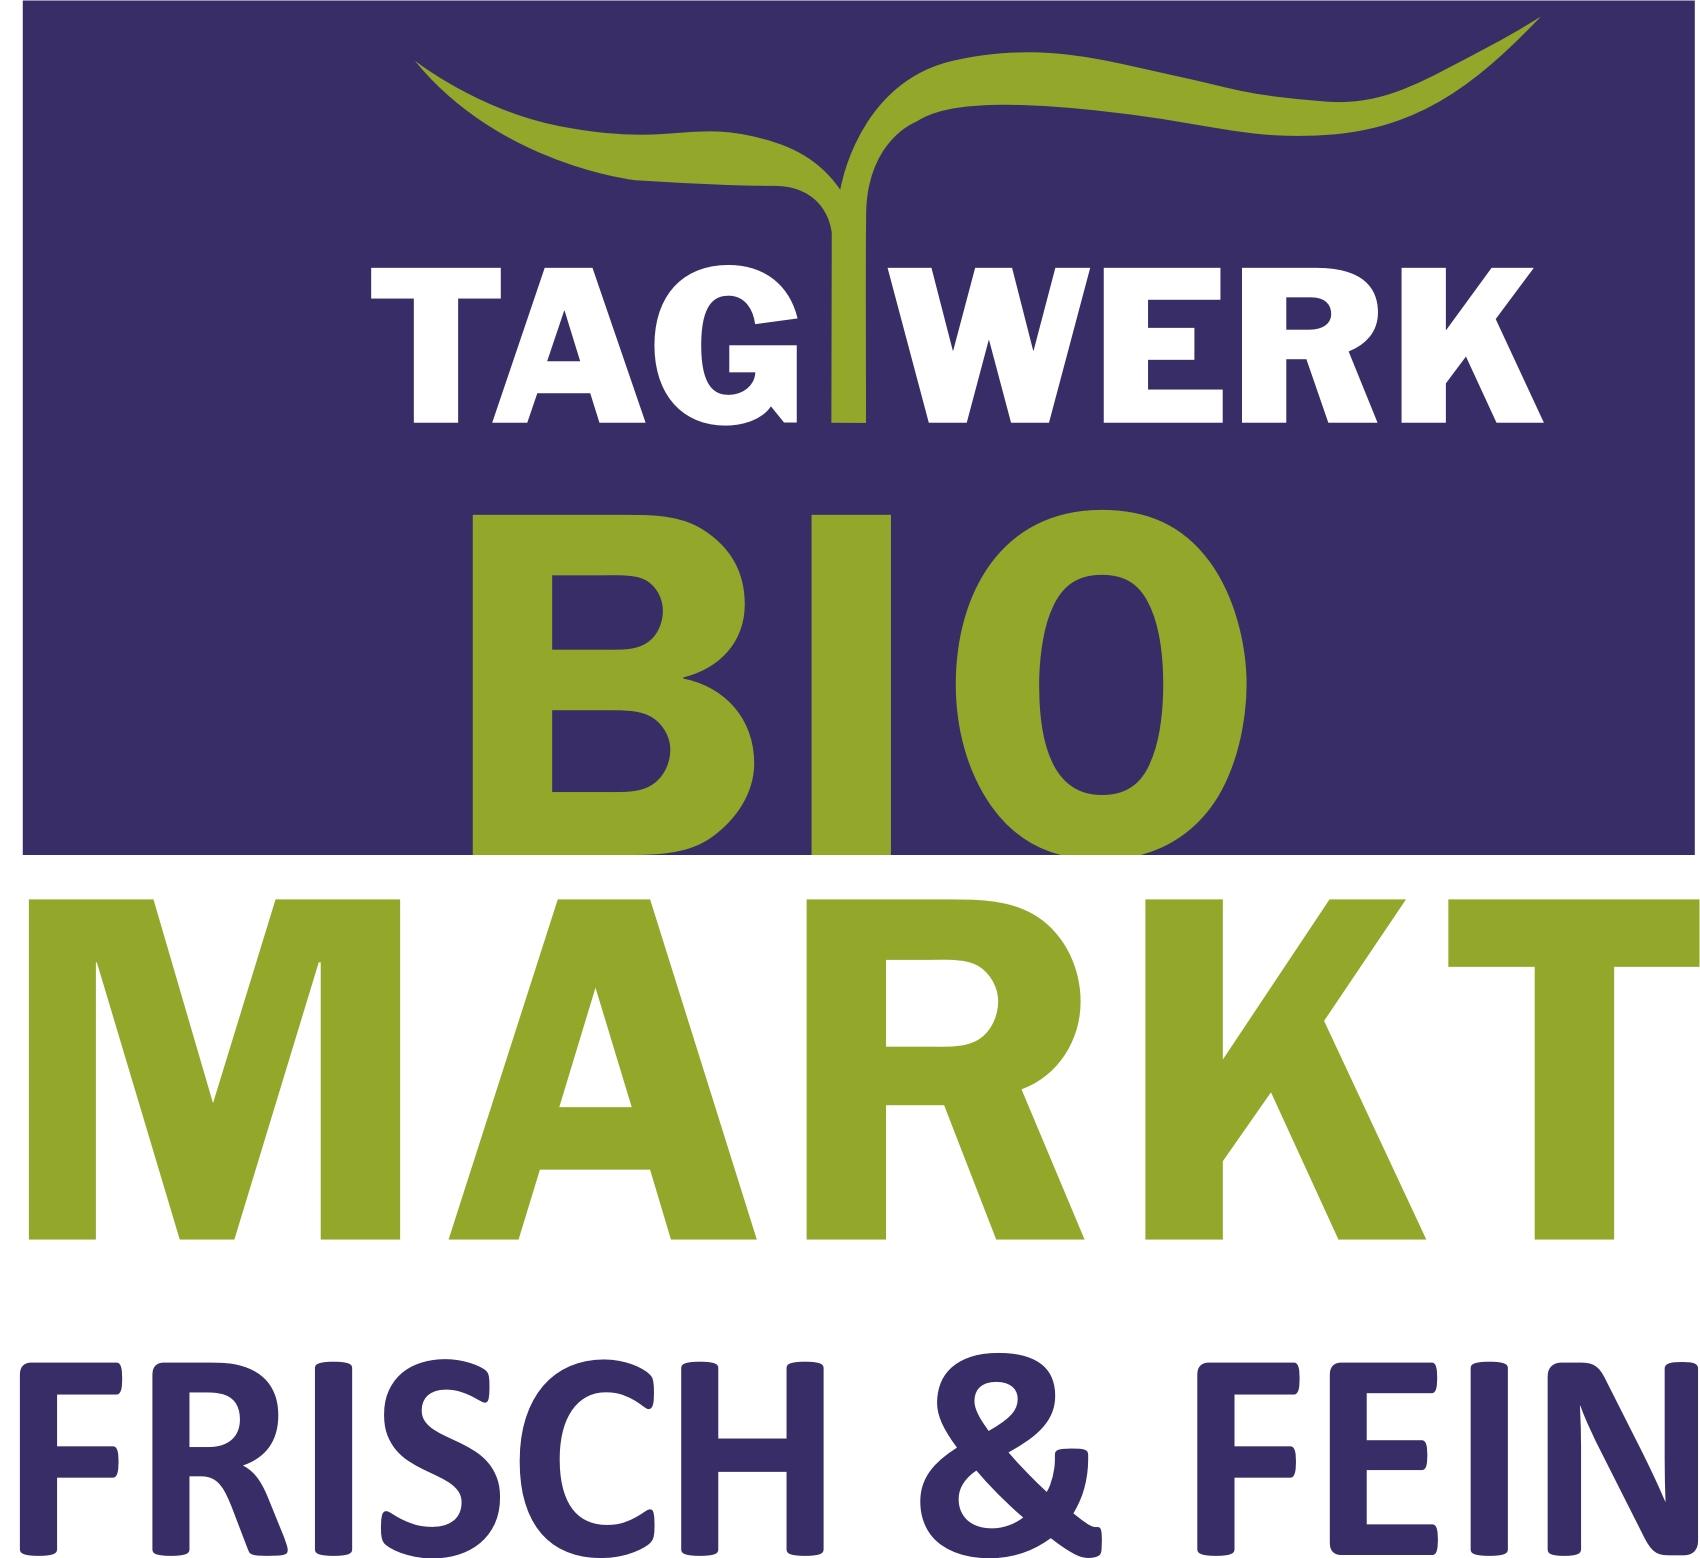 Tagwerk Bio Markt